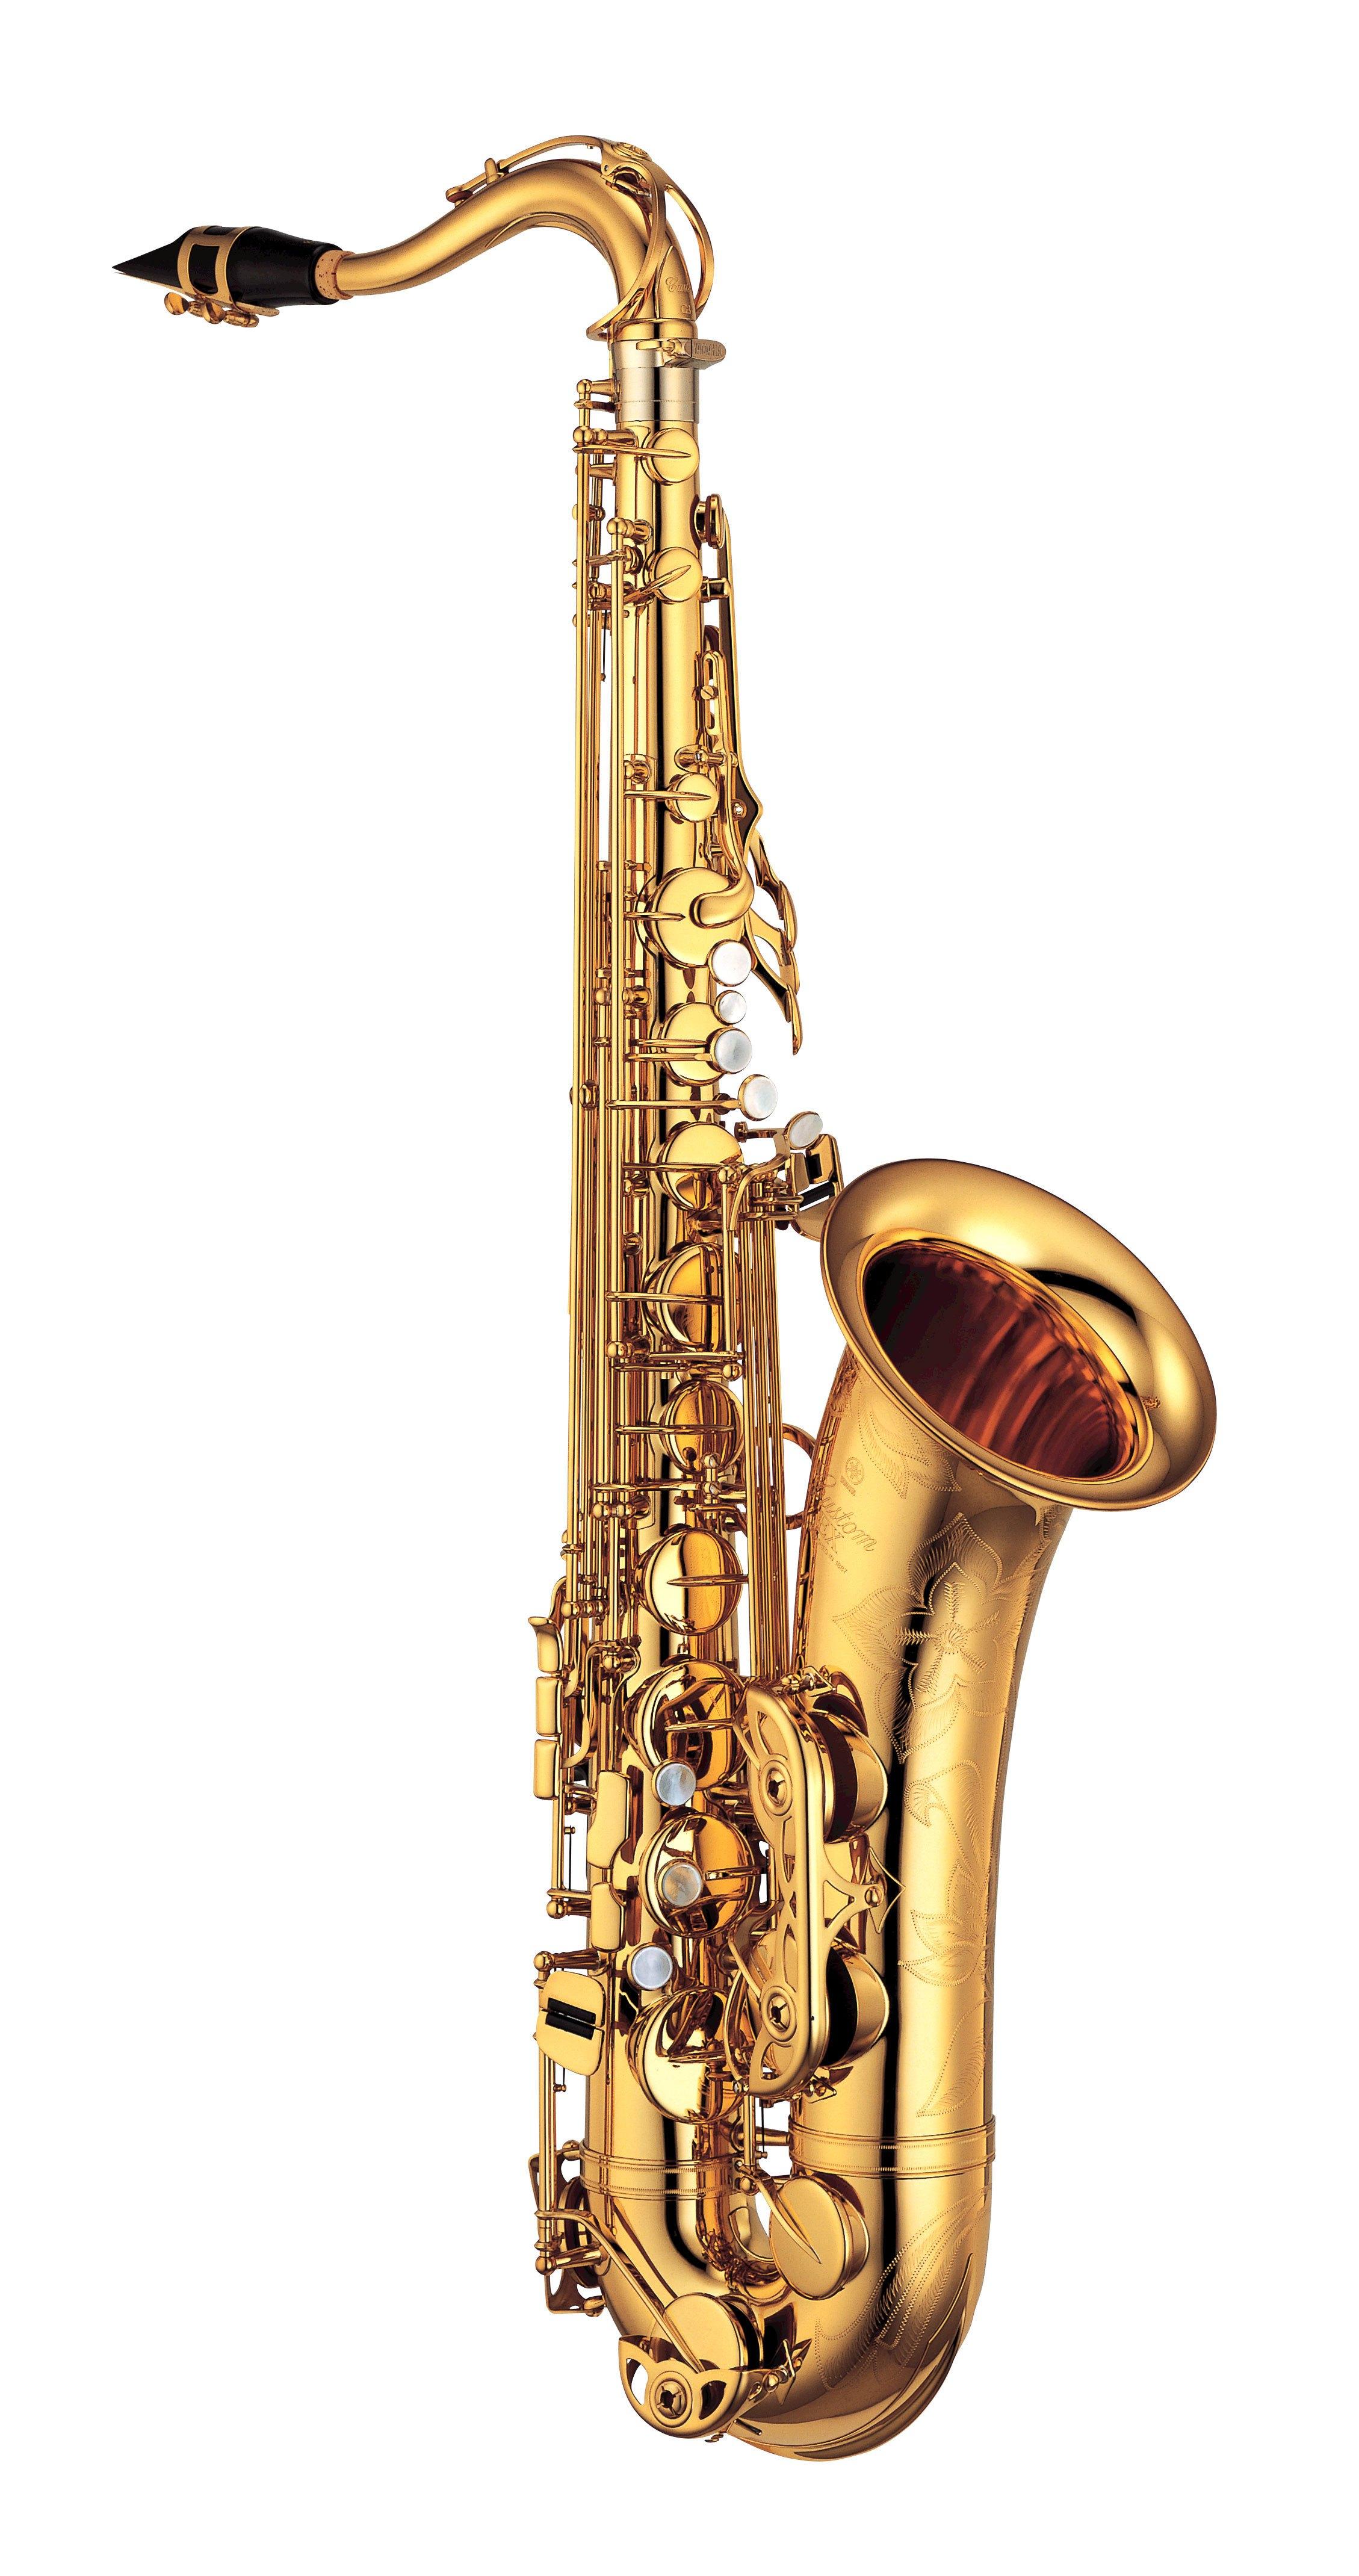 Yamaha - YTS - 875 - EX - GP - vergoldet - Holzblasinstrumente - Saxophone | MUSIK BERTRAM Deutschland Freiburg